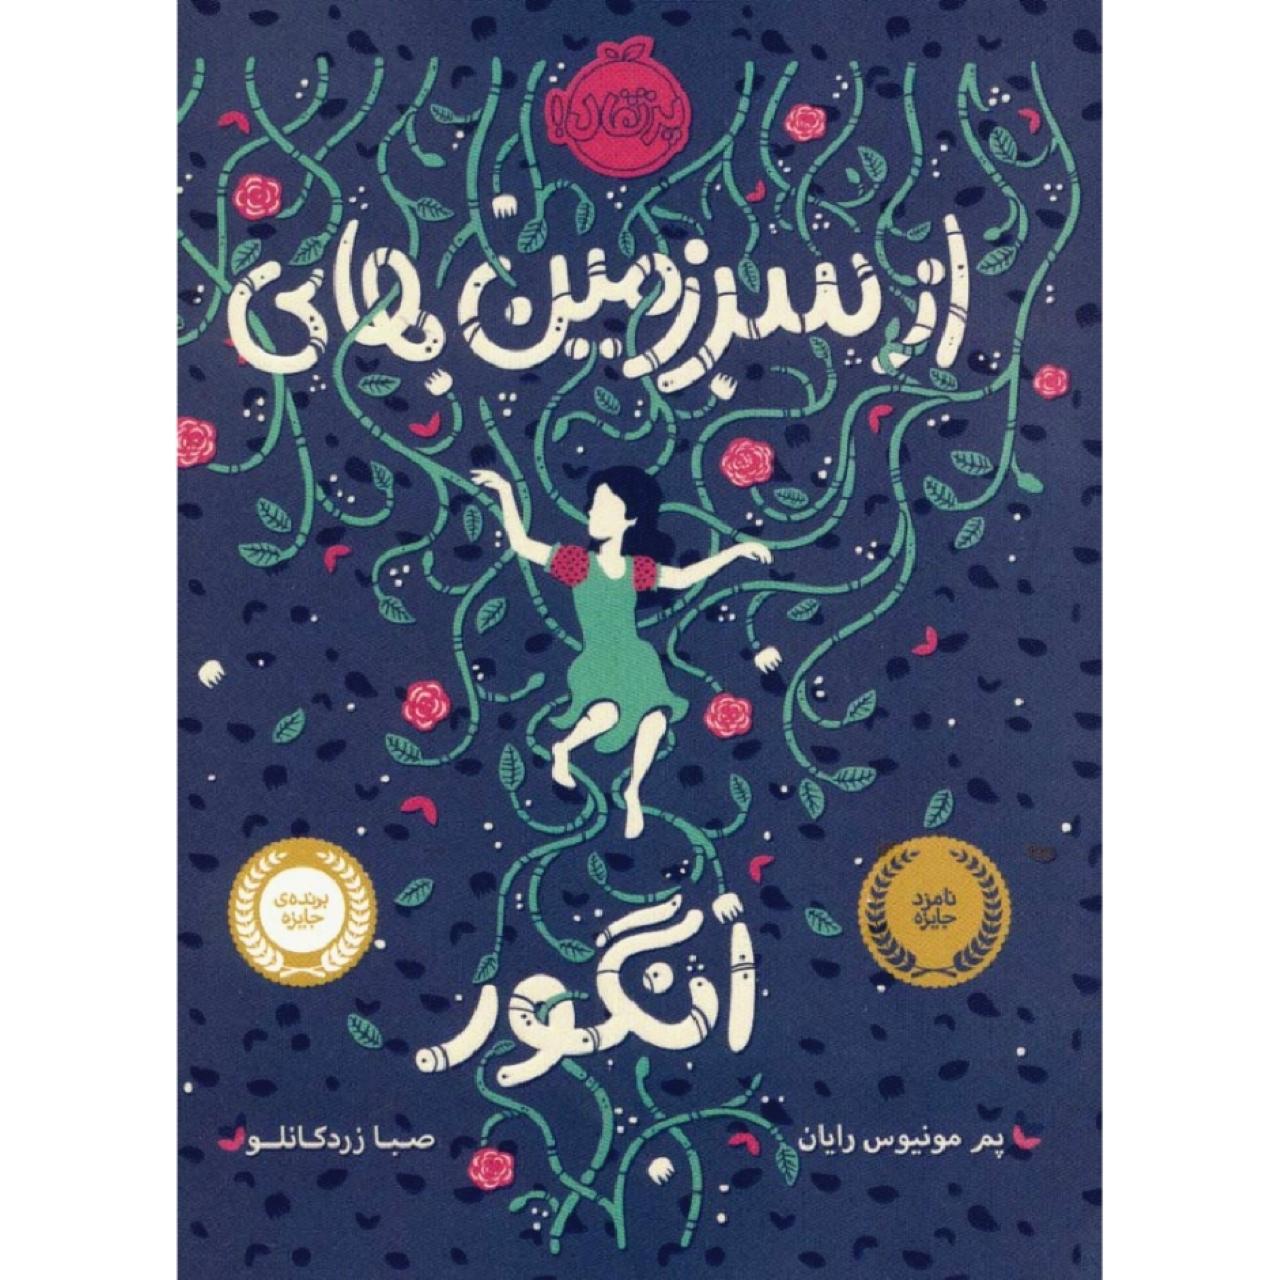 خرید                      کتاب از سرزمین های انگور اثر پم مونیوس رایان انتشارات پرتقال